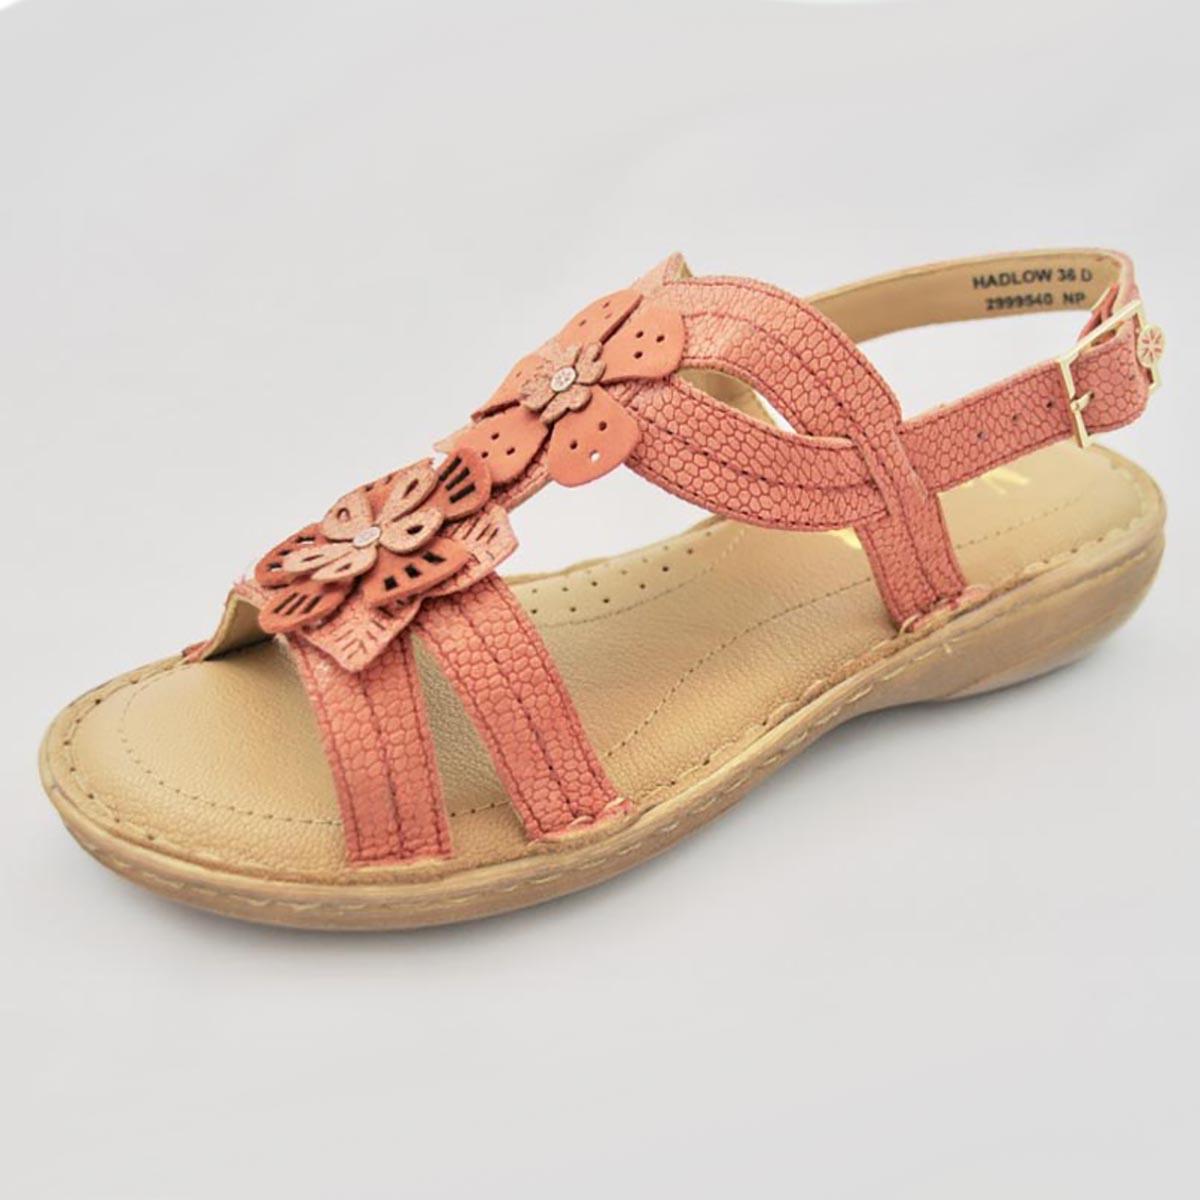 Van Dal - Hadlow Flame Summer Sandal